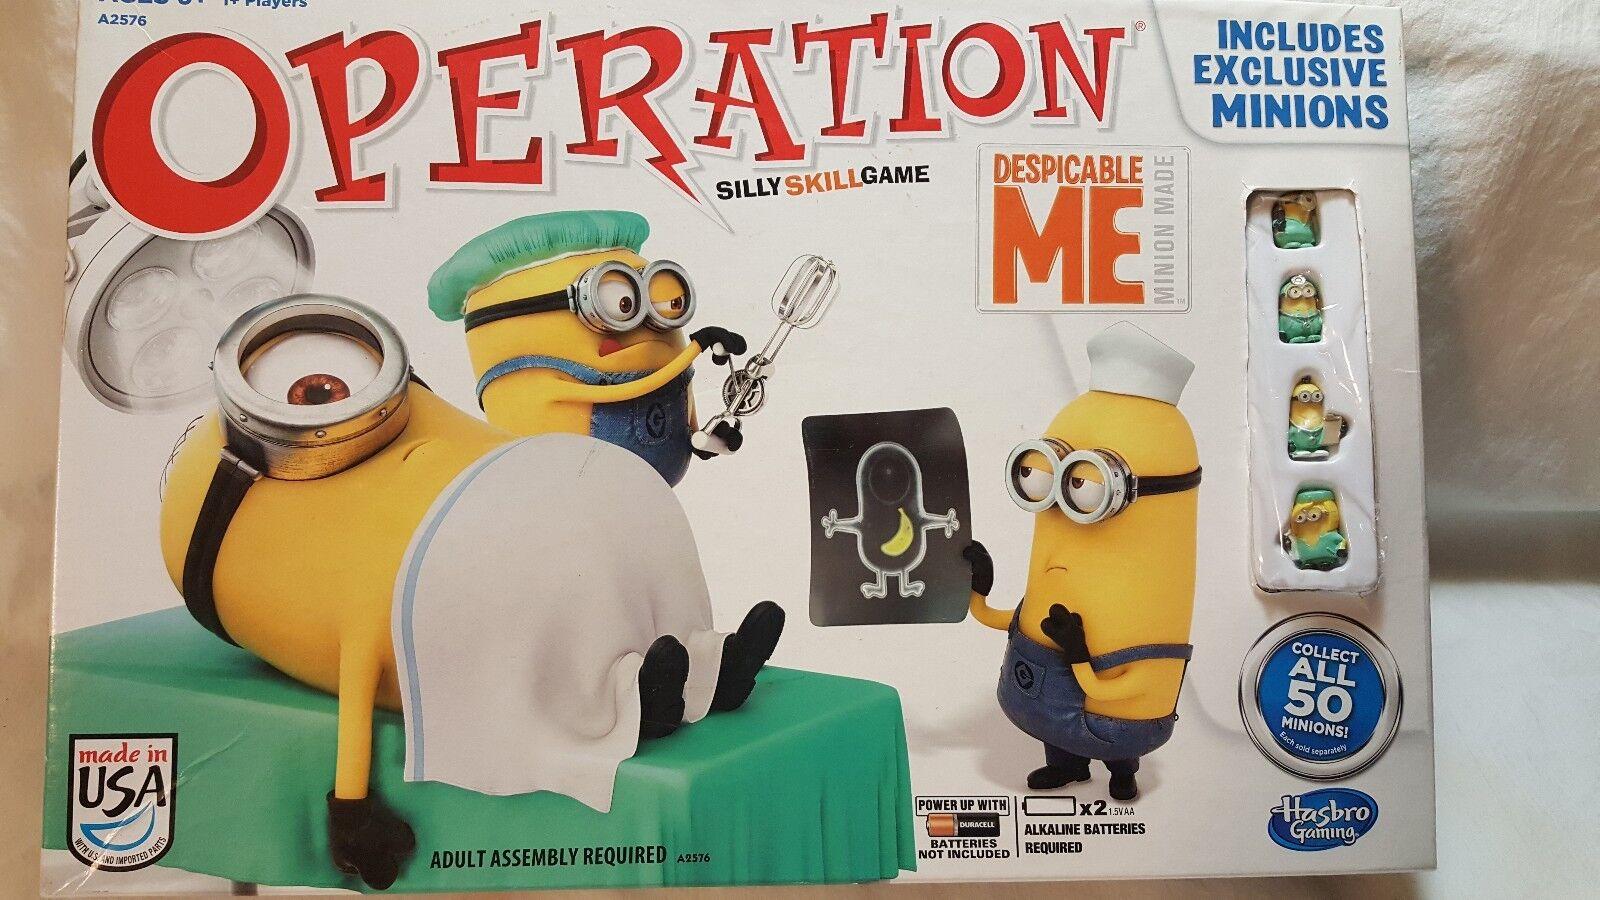 Hasbro despicable me 2 operation brettspiel